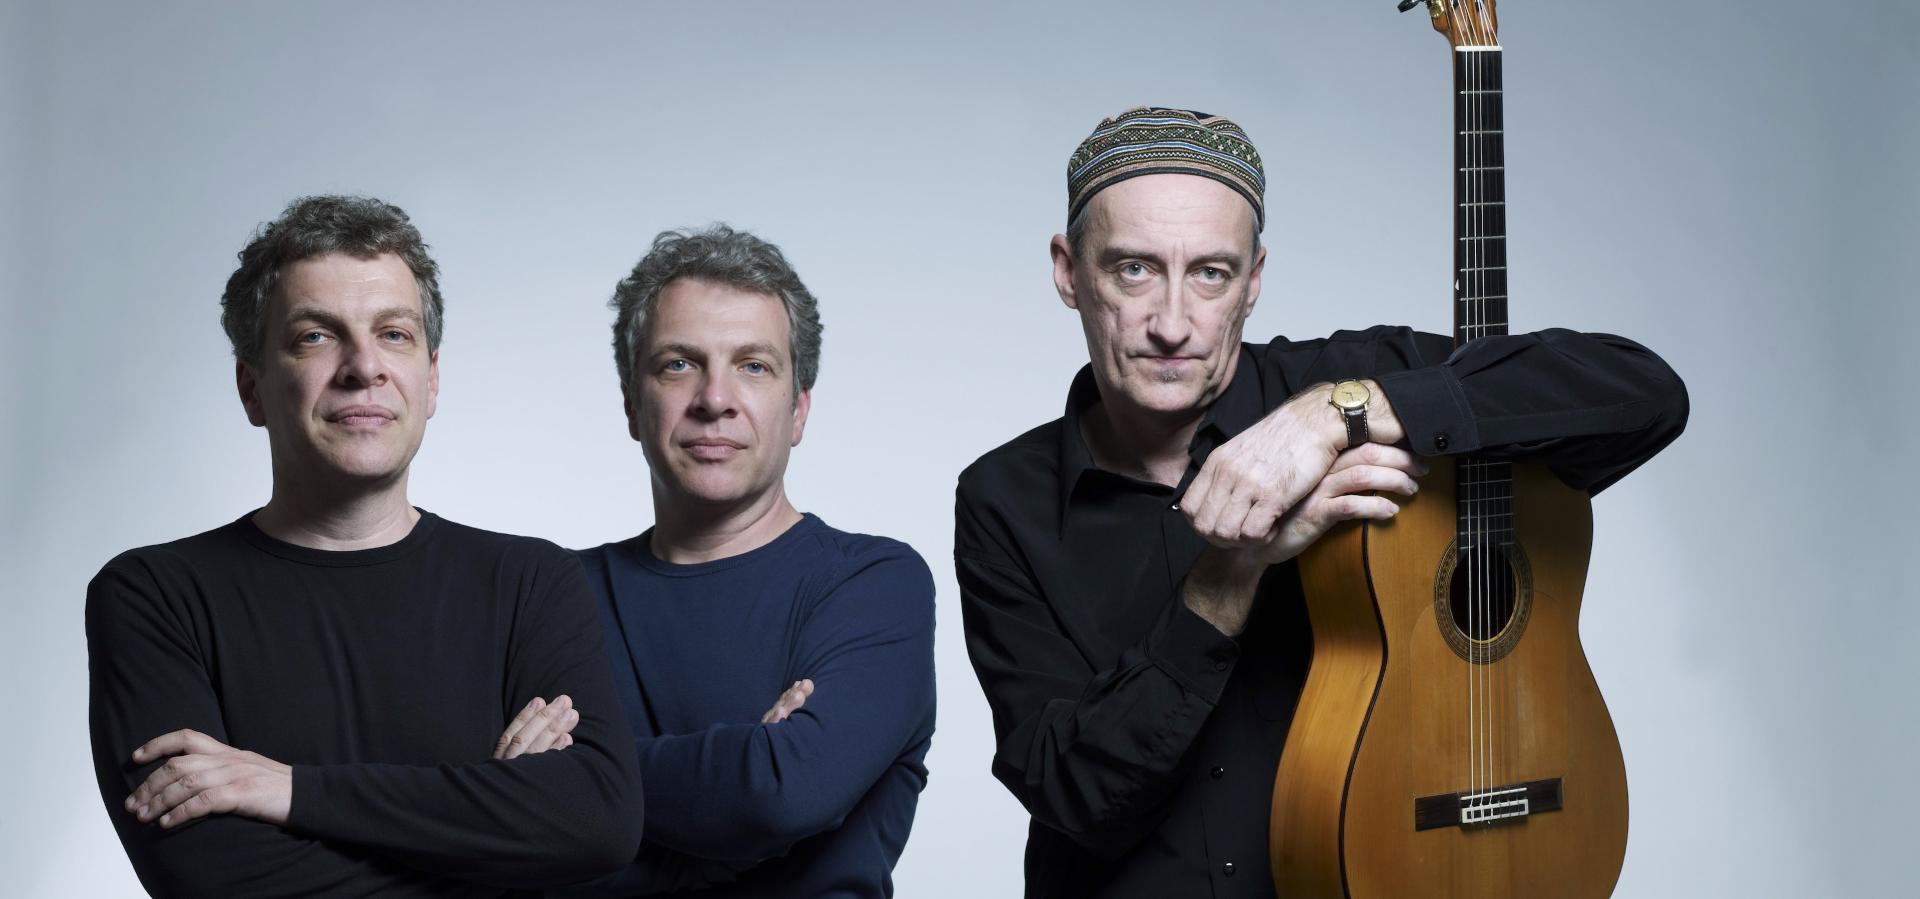 FESTIVAL ORSULA Braća Teofilović i Miroslav Tadić izvode tradicijske balkanske pjesme